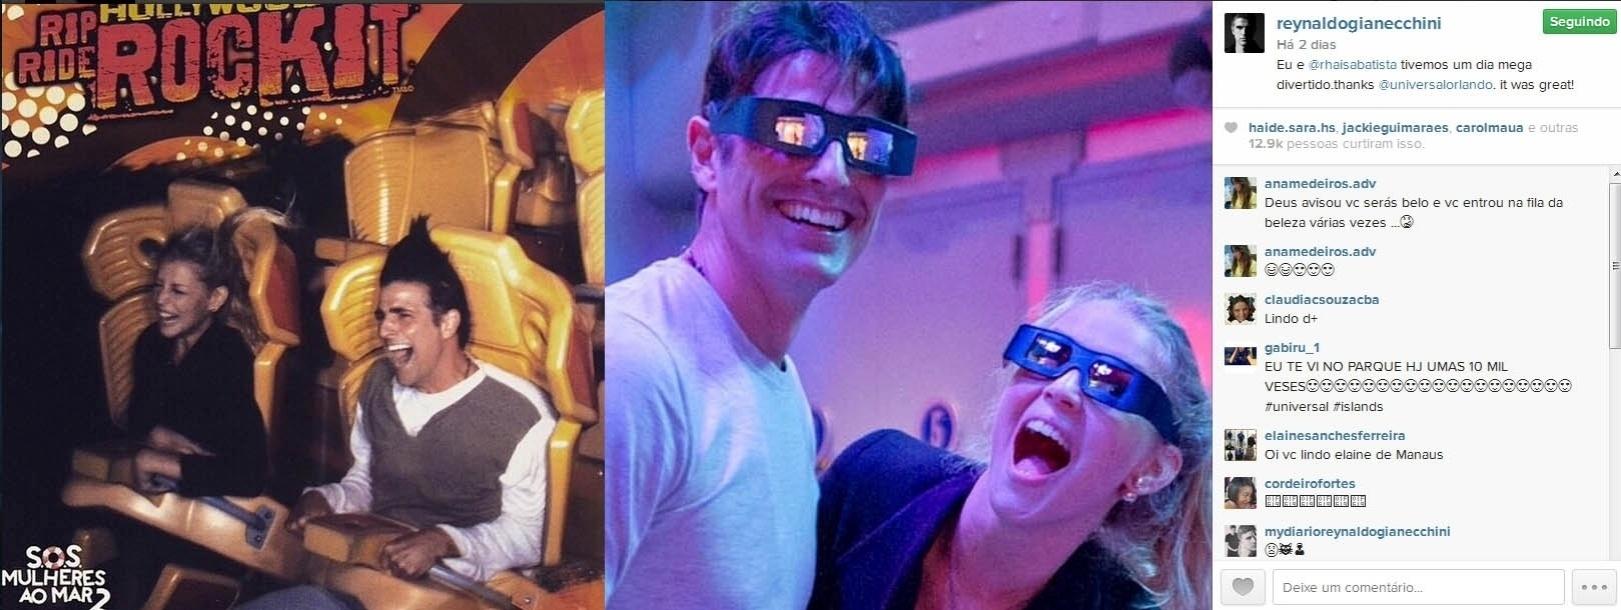 10.mar.2015- Reynaldo Gianecchini se diverte em parque da Universal Studios, em Orlando, ao lado da amiga Rhaissa Batista: